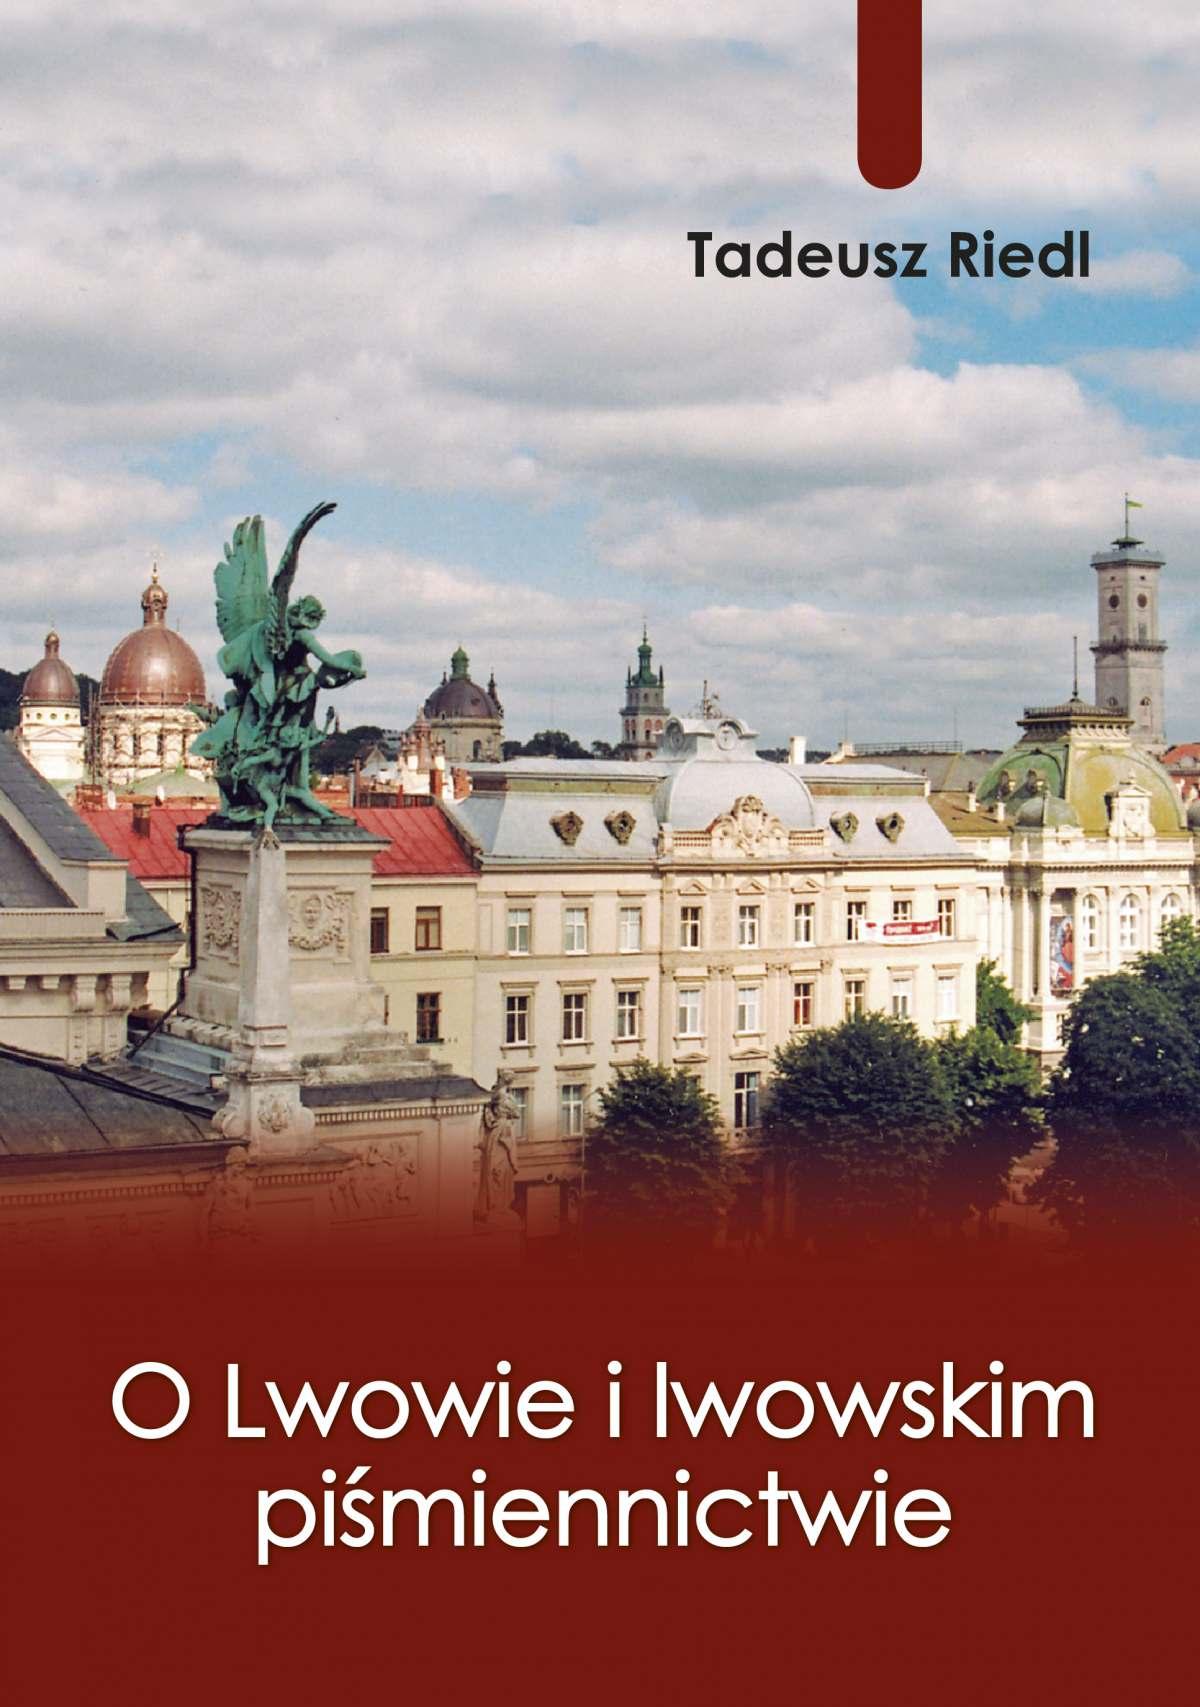 O Lwowie i lwowskim piśmiennictwie - Ebook (Książka EPUB) do pobrania w formacie EPUB